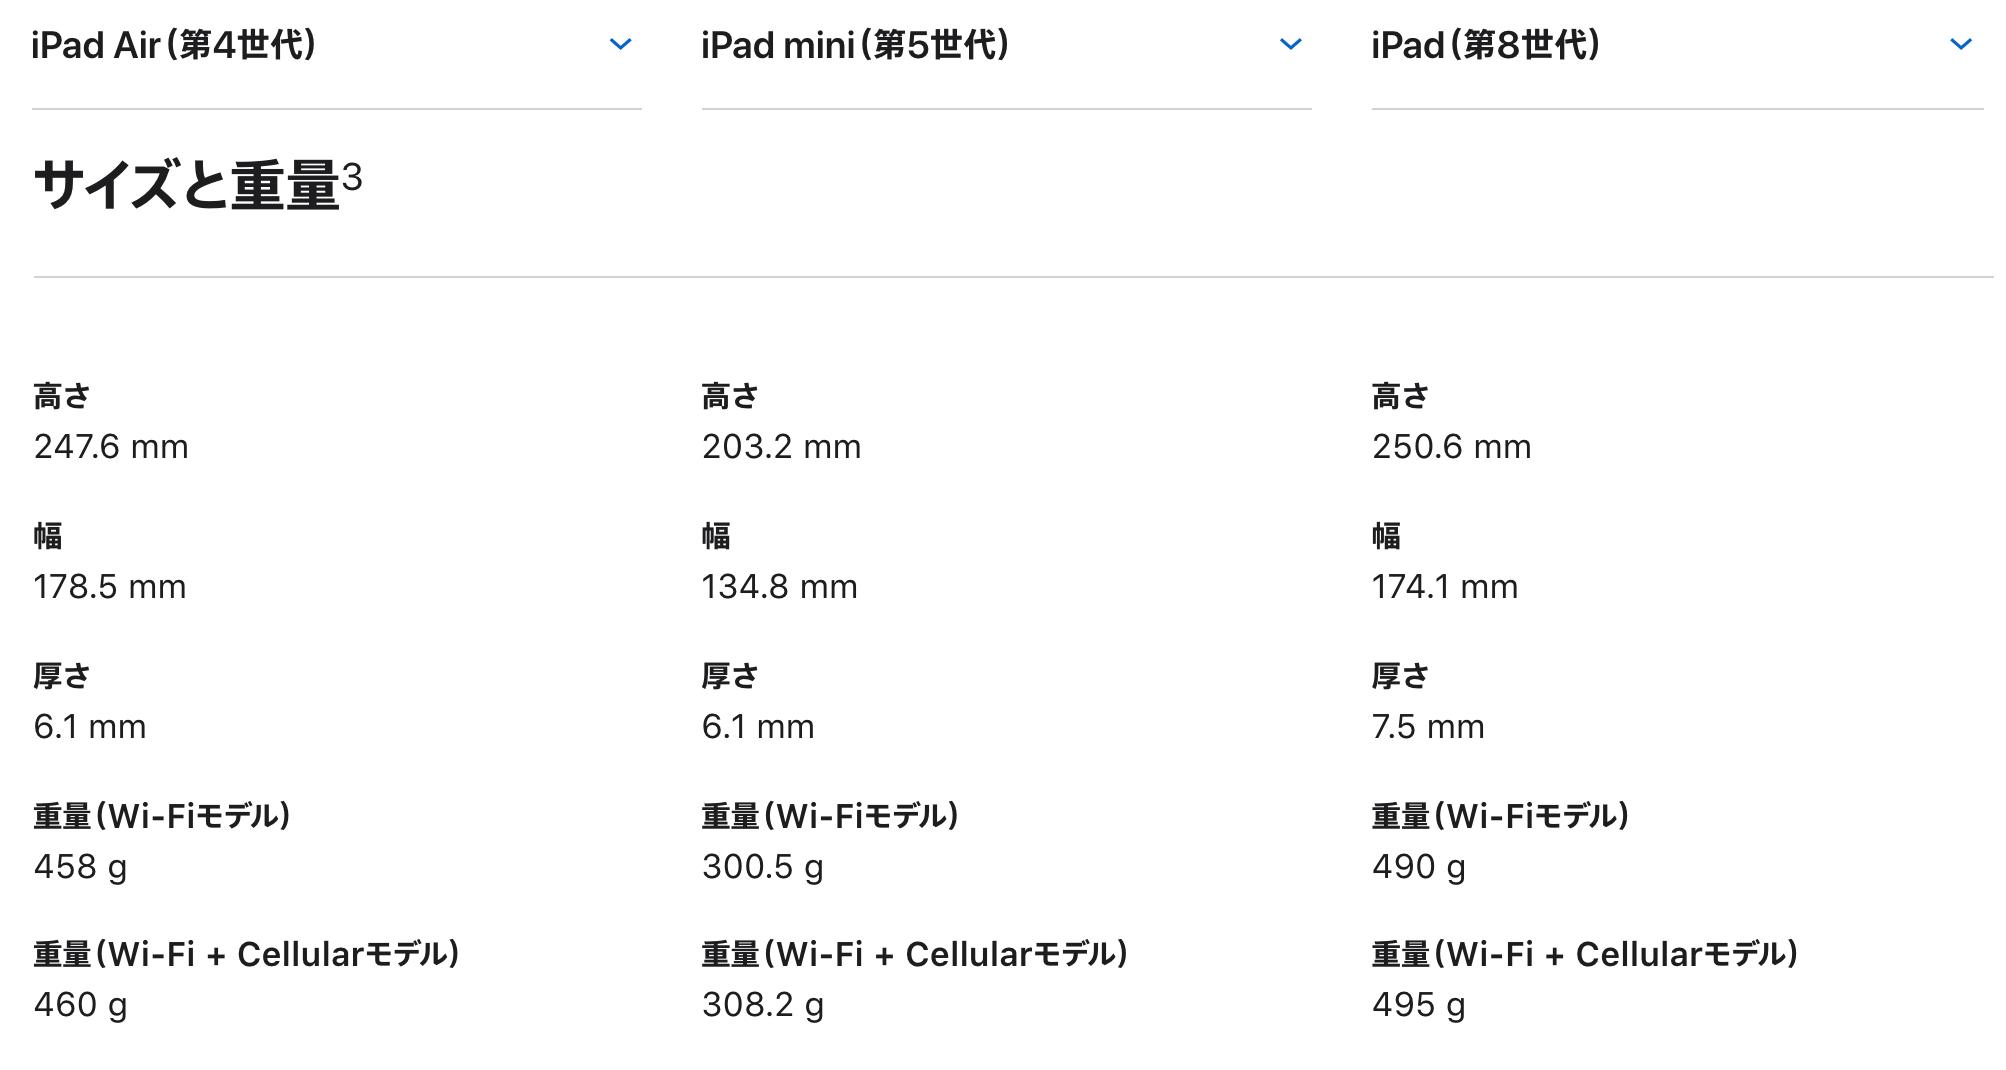 ipadの重さ比較